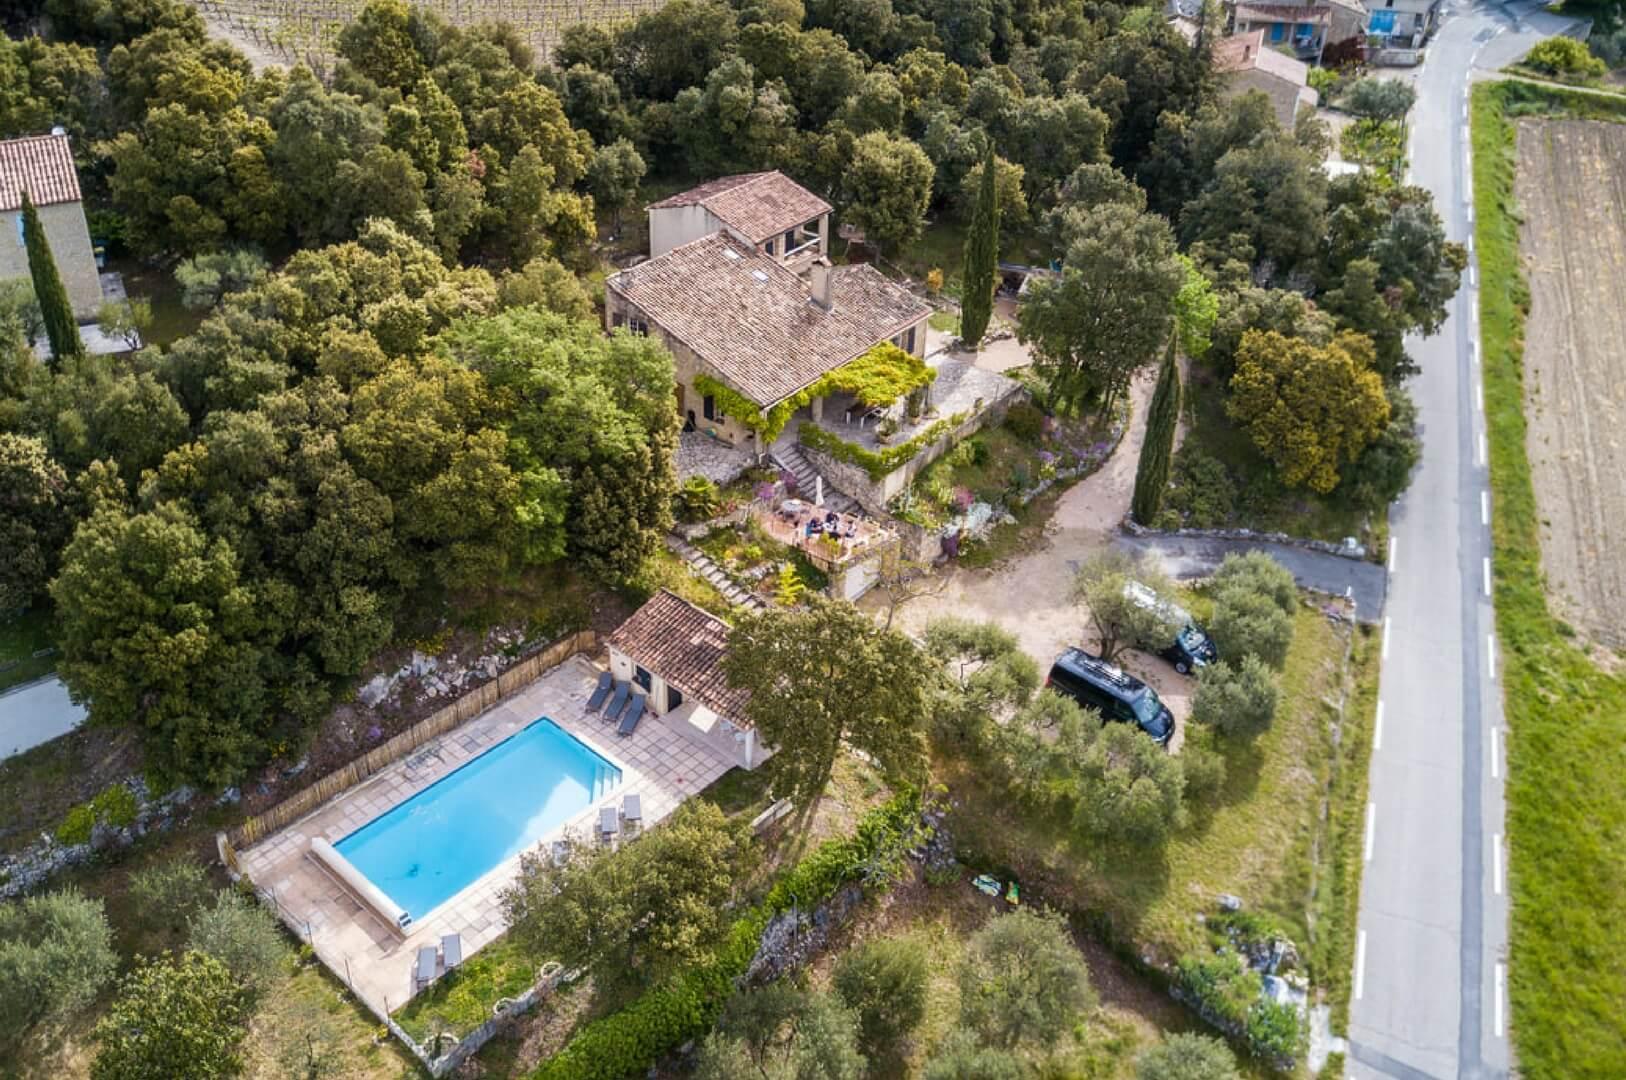 Villapparte_Les Oliviers du Taulisson_unieke Chambres d'Hôtes bij de Mont Ventoux_huis van boven